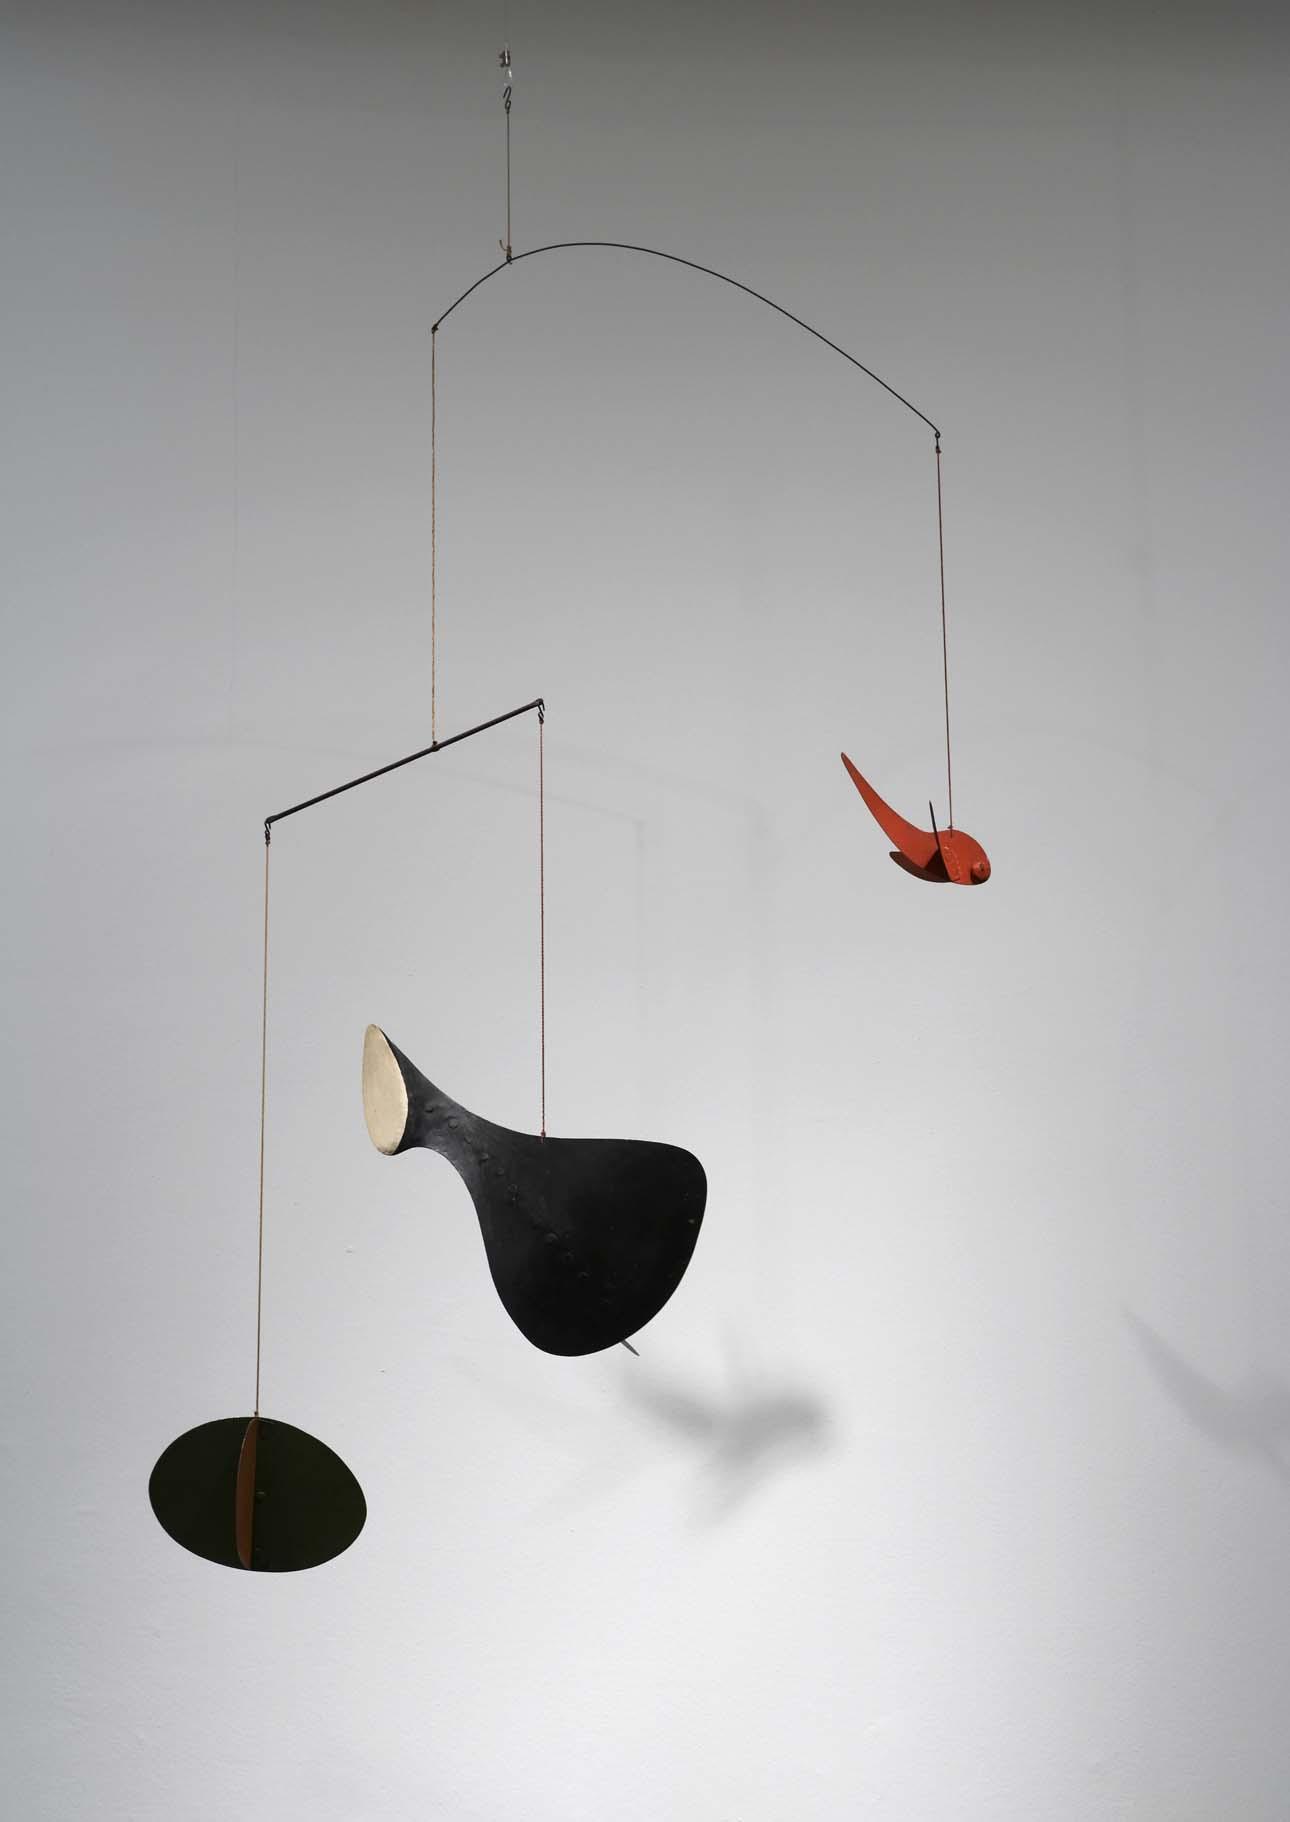 Alexander Calder Ritou